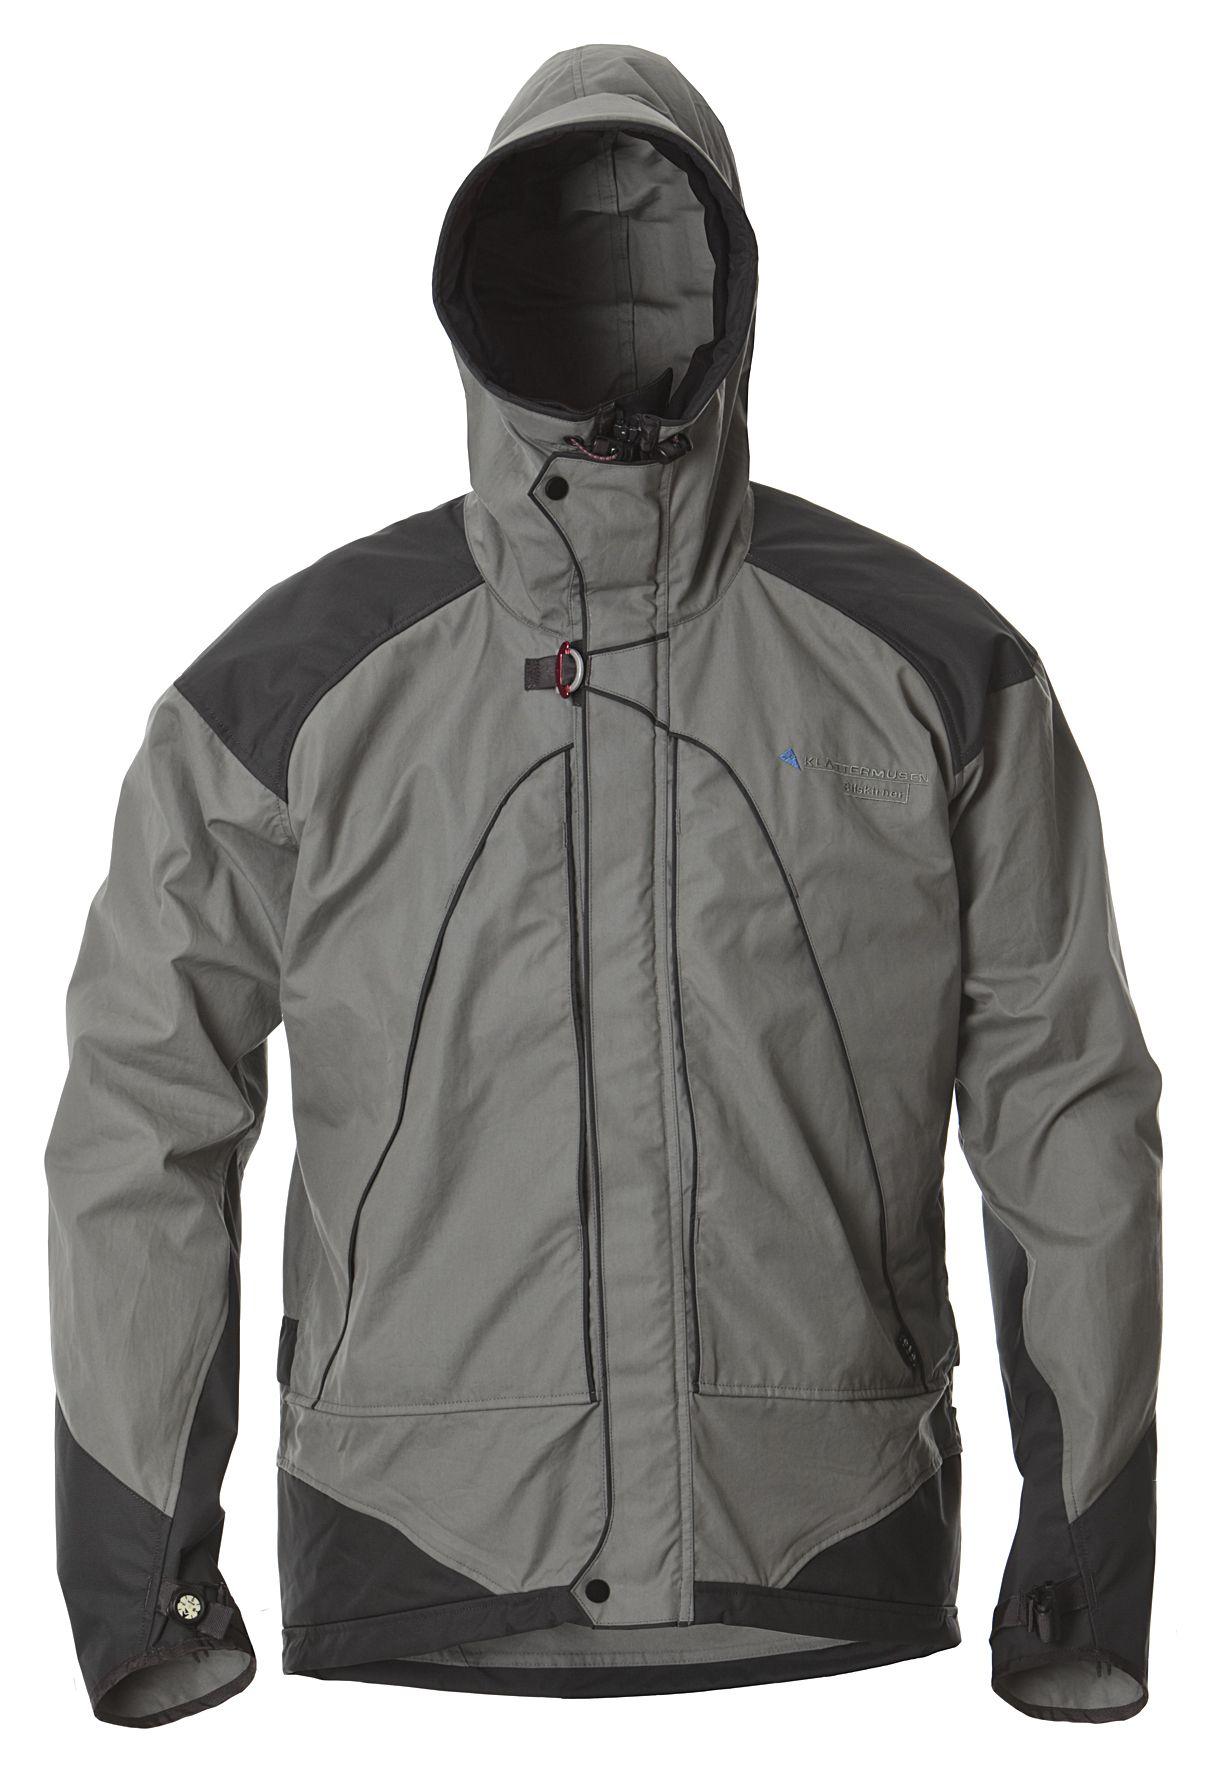 BILSKIRNER jacket(ビルスキルナー ジャケット) オーガニックコットン100%のエタプルーフ®を採用したジャケット。 MFR8と撥水・防風性、速乾性と透湿性に大変優れていますので、高温多湿な気候や身体を動かすアウトドアアクティビティー下においてはベストパフォーマンスを発揮してくれます。フードにはクレッタルムーセンindVisor™を採用し、より厳しい環境に対応できる機能をもちます。 負担のかかりやすい肩と肘部分と腰両サイドには、ポリエステル生地で補強。スリーブエンドには片手でも調整可能なストラップ・アジャスターを装備。 裾は背面が長めにカットされており、 片手でも調整可能なストレッチドローコード・アジャスターを装備。 ホイッスル、コンパス、Recco®(雪崩救助システム)、スキーパスポケット、リフレクターを装備。  チェストポケット内に防水ポケット。 防水性を高めるために縫製部分には内側からシームテープ処理. ISPO OUTDOOR AWARD 2010 受賞。